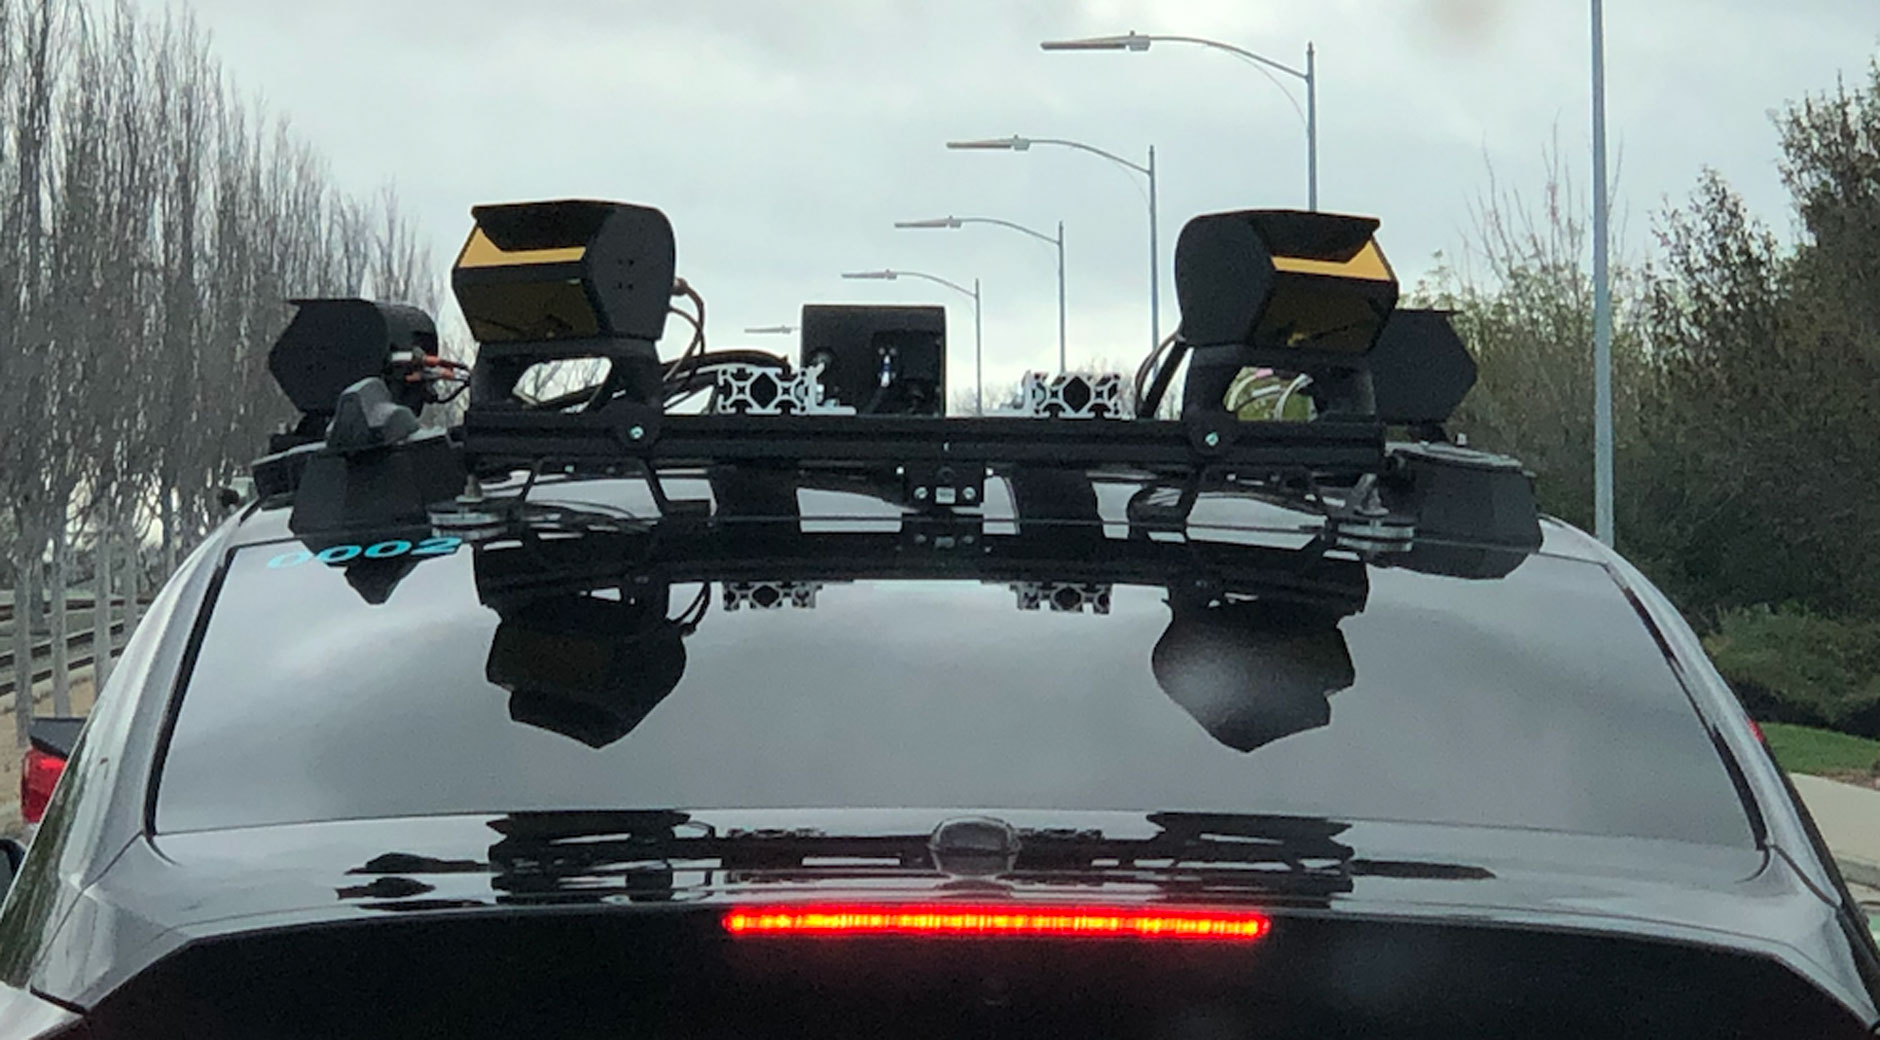 Autonom fahrendes Auto im Silcon Valley (Bild: © Mario Herger).